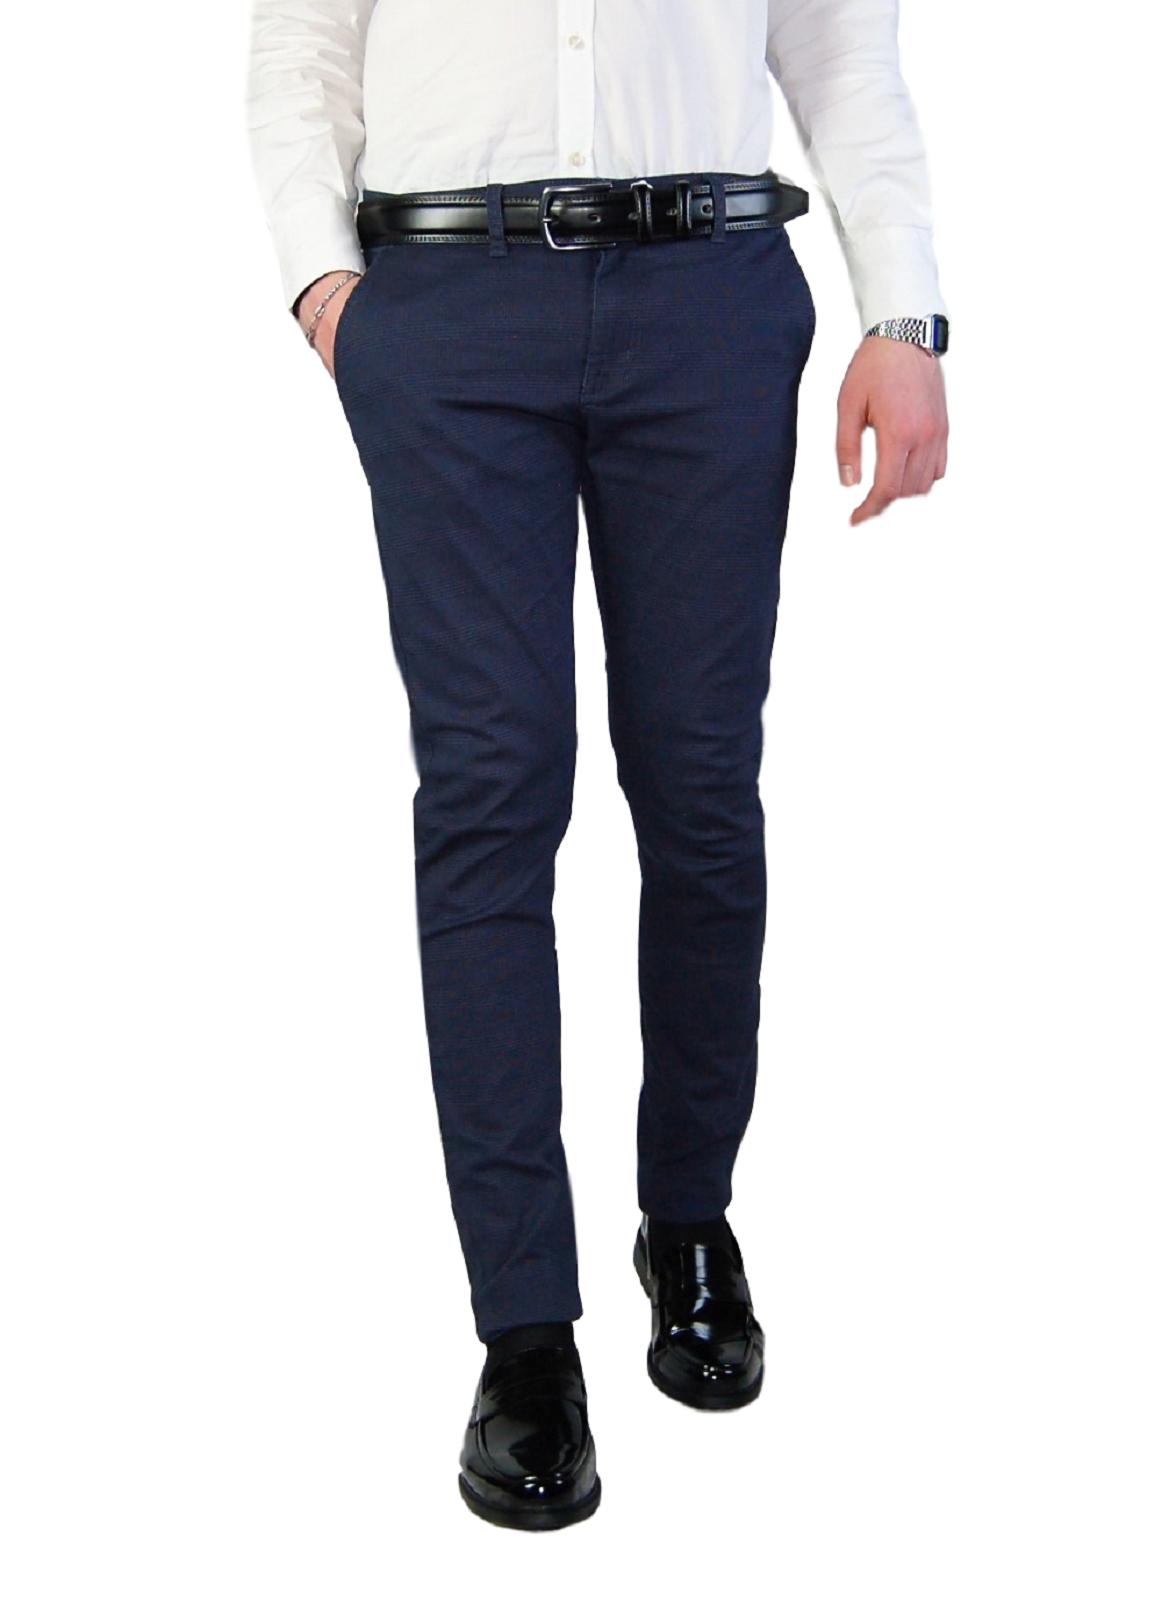 Pantalone-Uomo-Chino-Slim-Fit-Elegante-Quadri-Principe-di-Galles-Primaverile miniatura 11